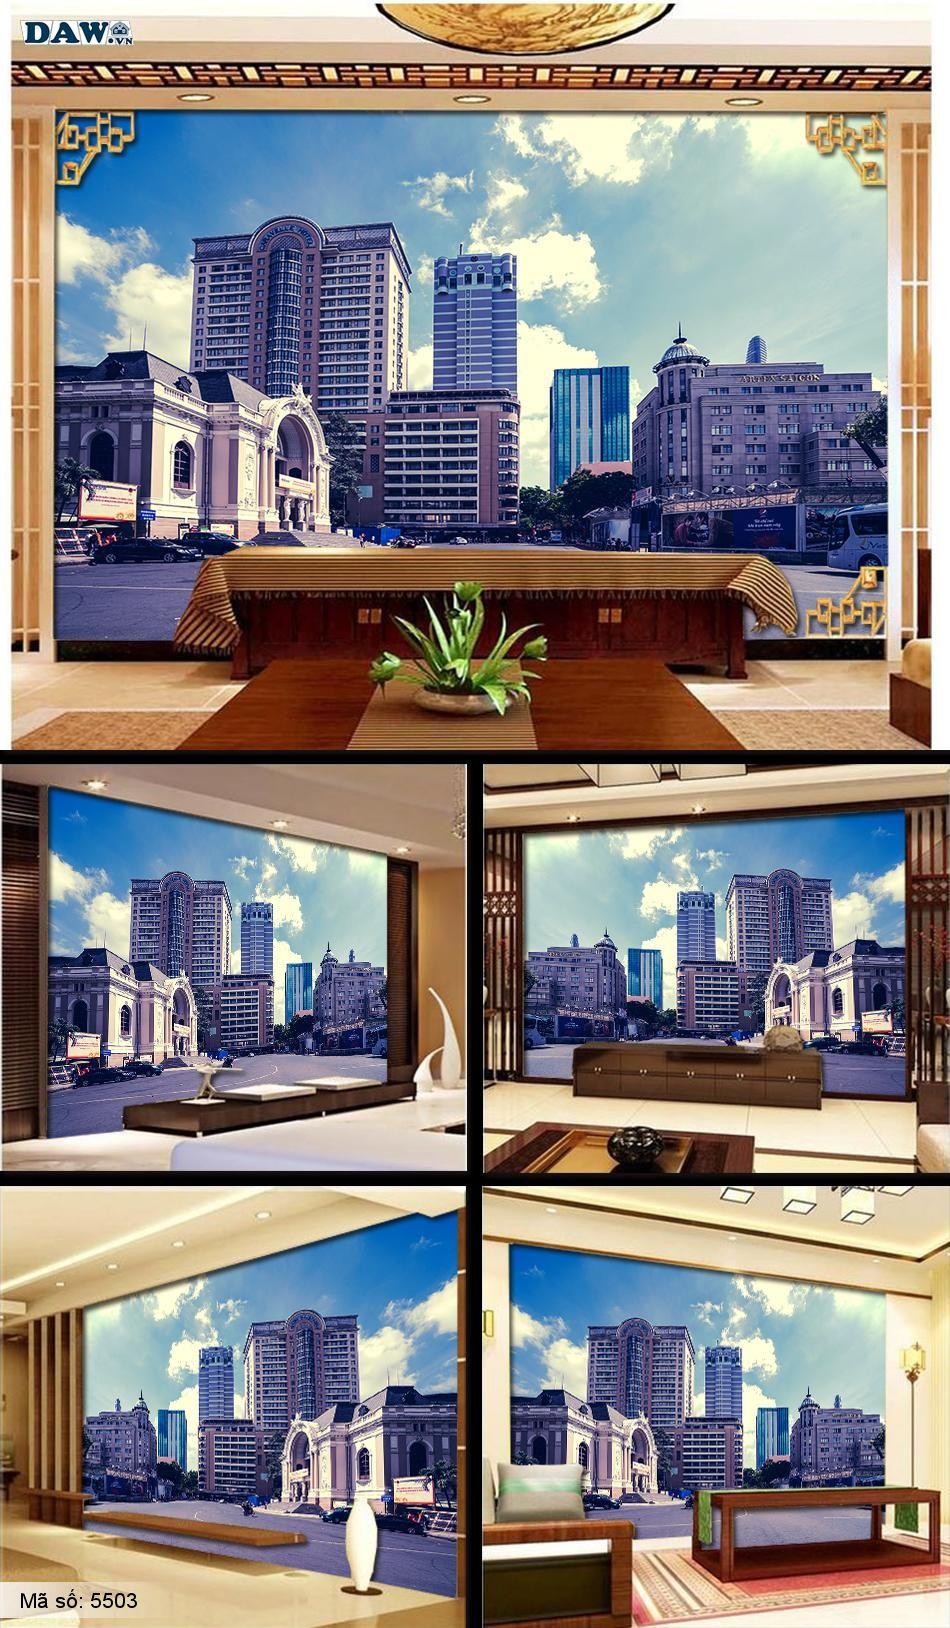 Tranh dán tường thành phố, thành phố hồ chí minh, HCM, TPHCM, thành phố đẹp, nhà hát thành phố, khách sạn caravelle, đường đồng khởi, The Reveire Saigon 5503